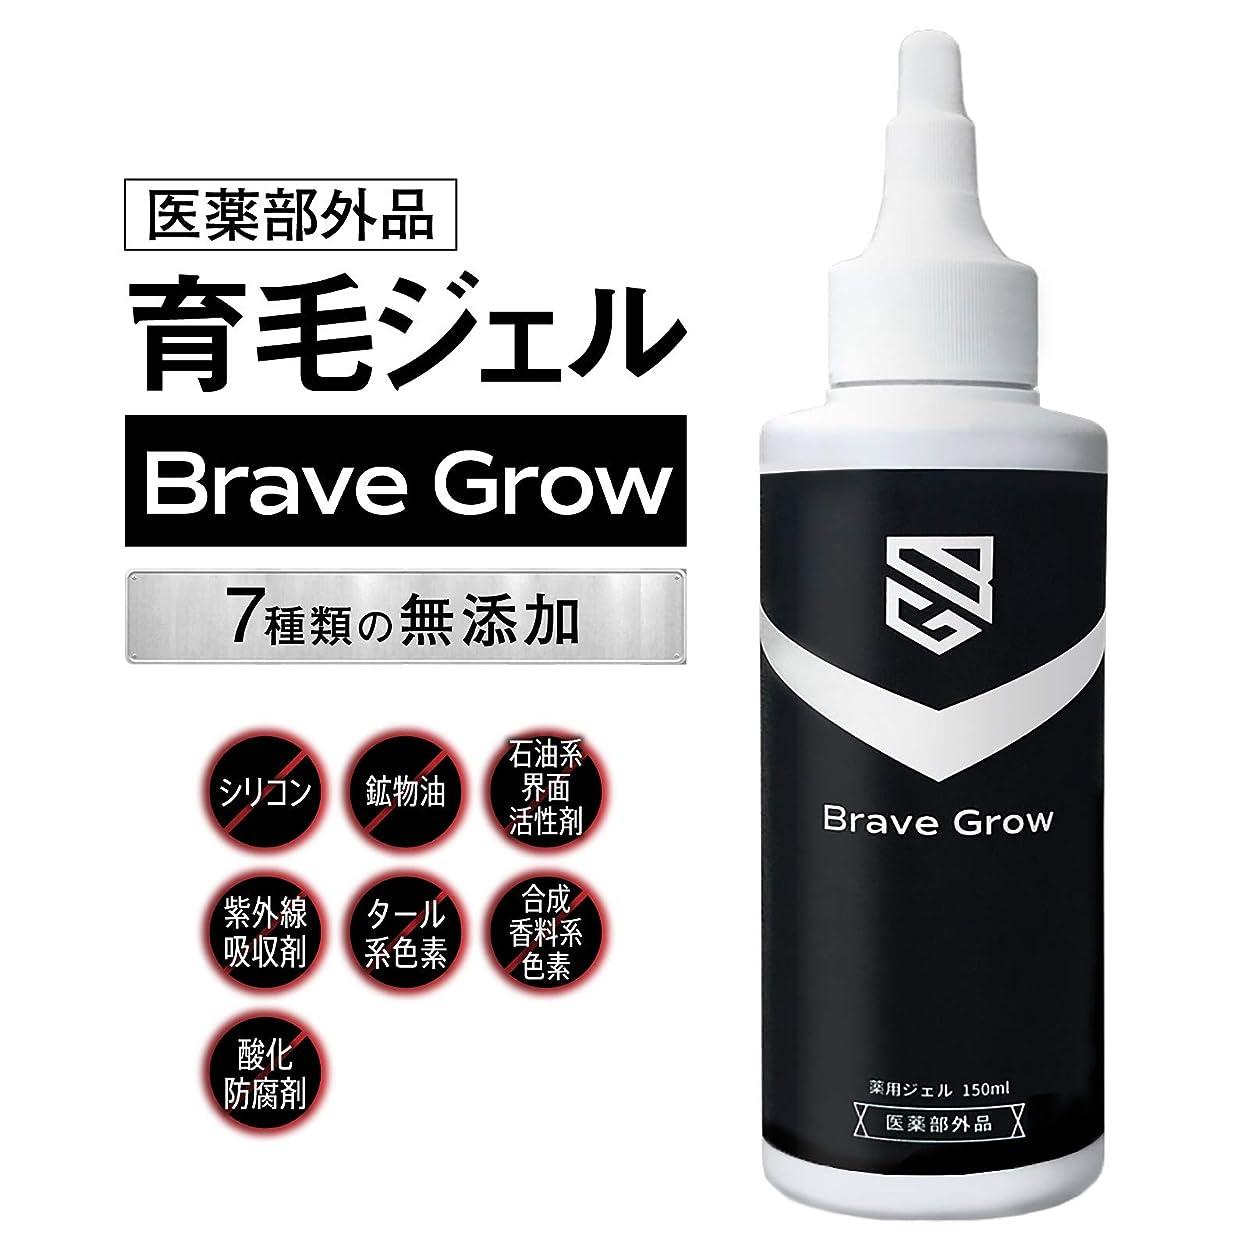 決済ダーリンピストル育毛剤 BraveGrow ブレイブグロー 150ml 【医薬部外品】ジェルタイプ 男性